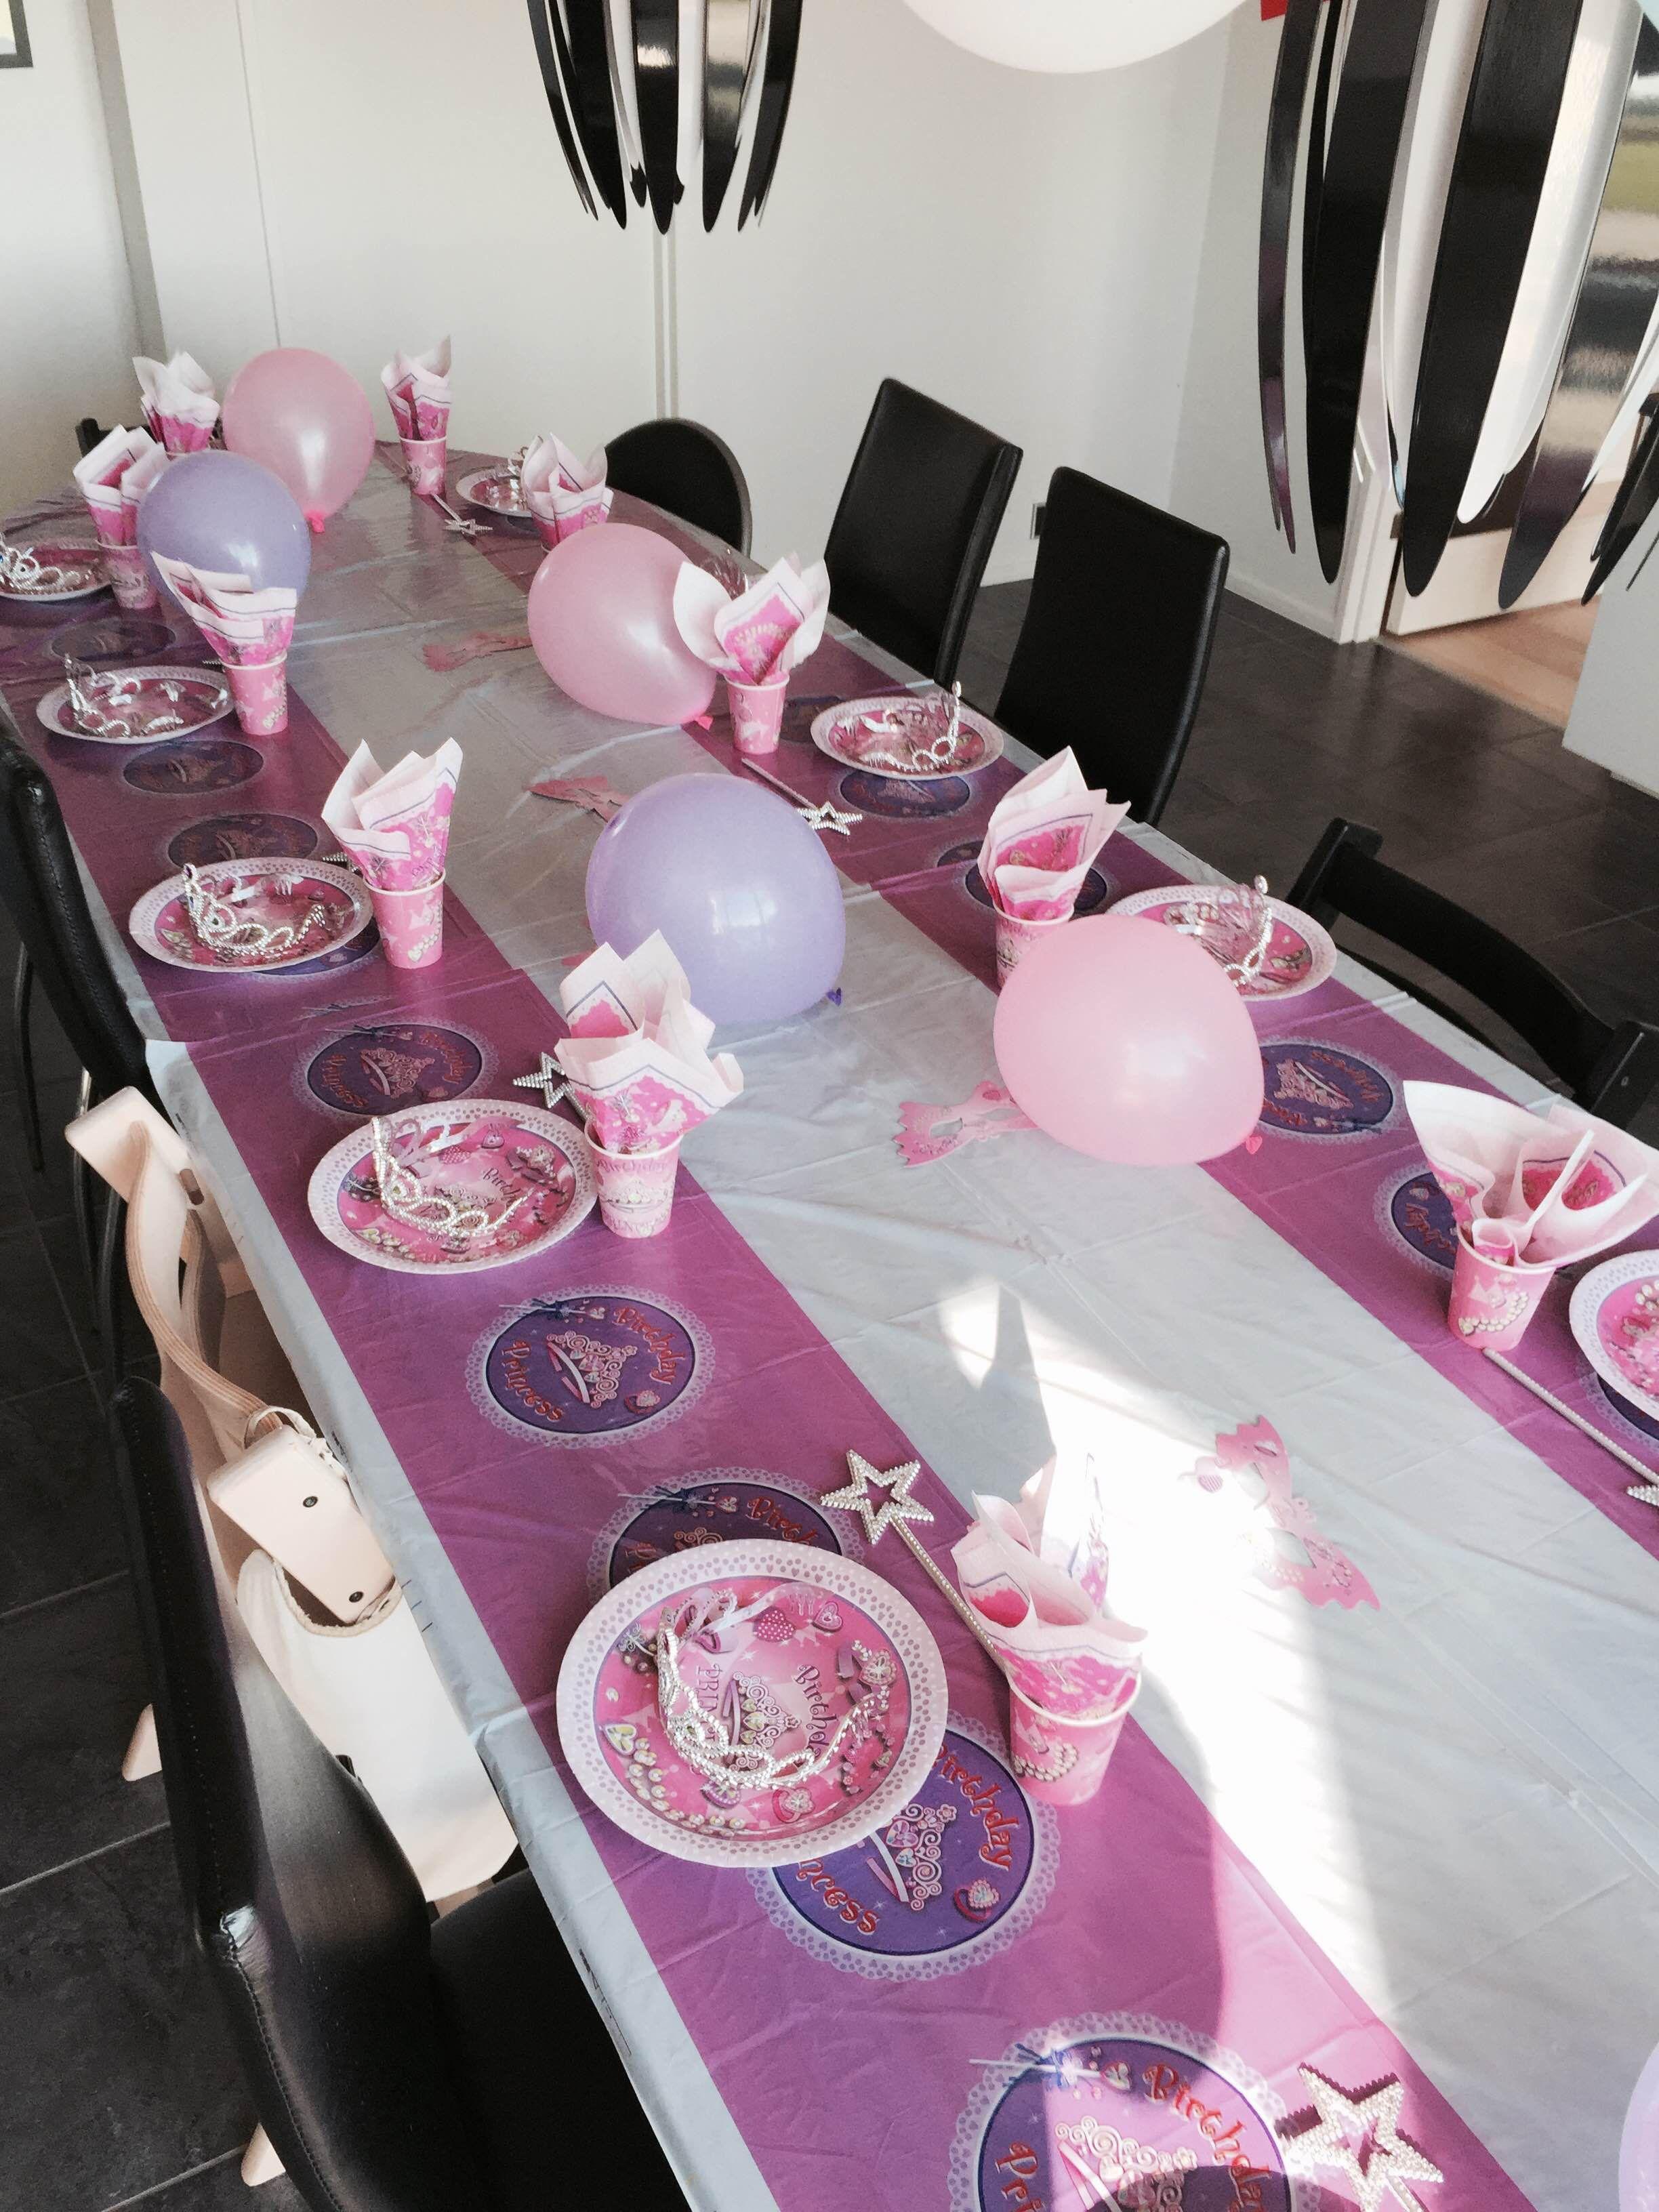 Børnefødselsdag Inspiration 3 års fødselsdag med prinsesse tema fra billig-børnefødselsdag.dk